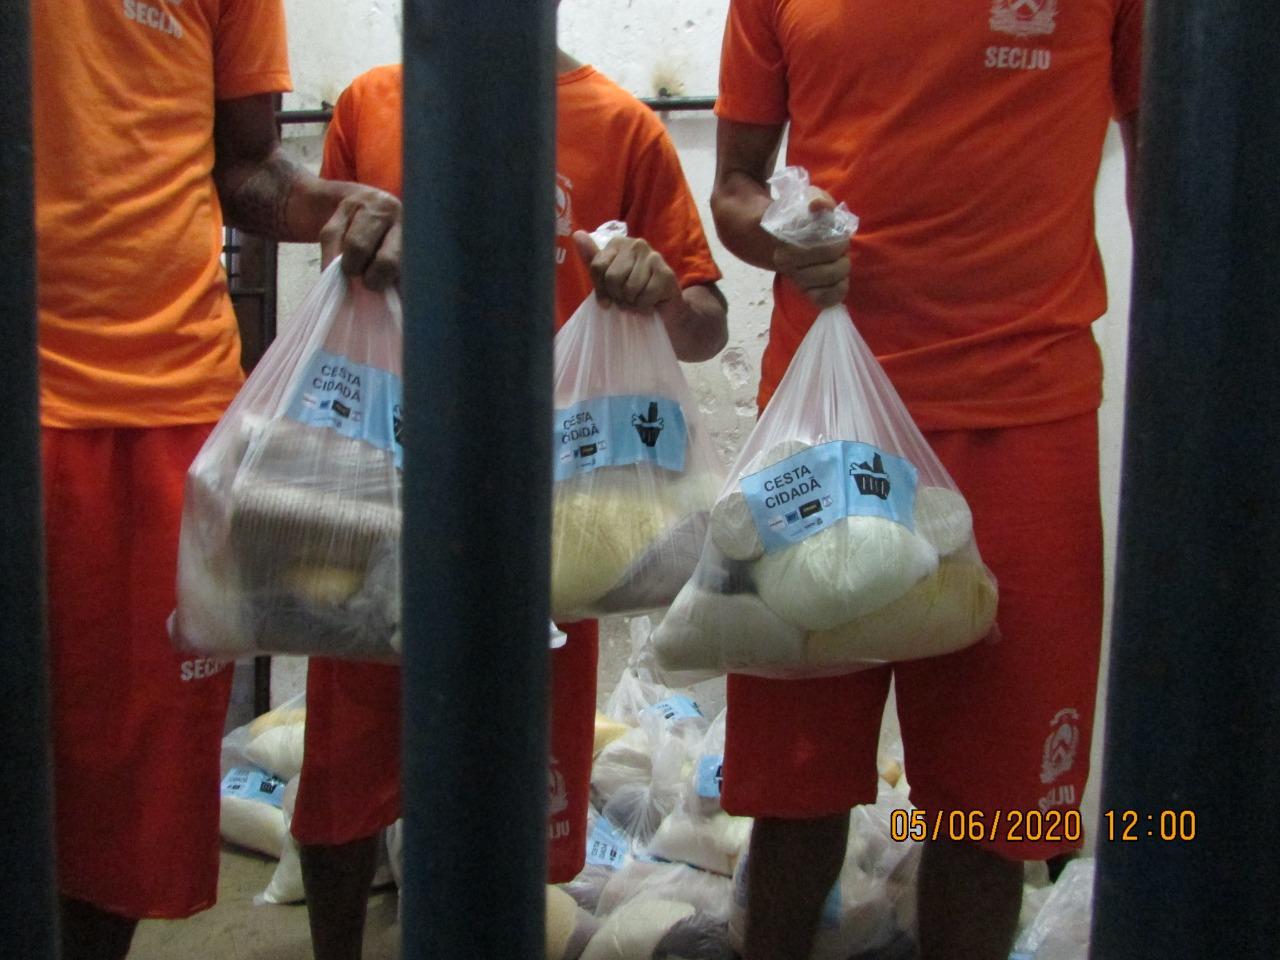 Gestão da CPP de Palmas realiza entrega de alimentos para reeducandos em ação intitulada Cesta Cidadã